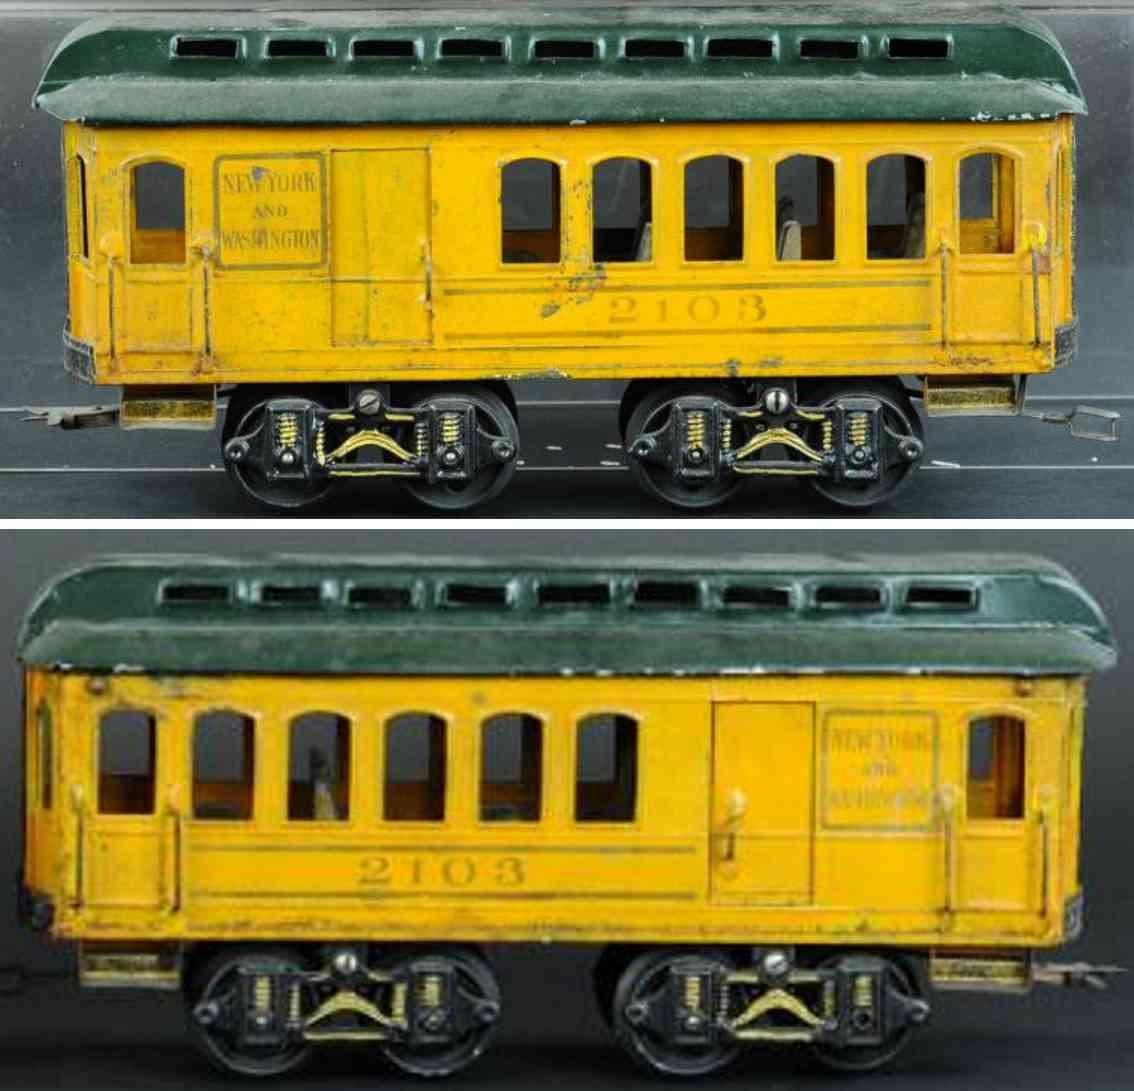 voltamp 2103 railway toy passenger car gauge 2 inches